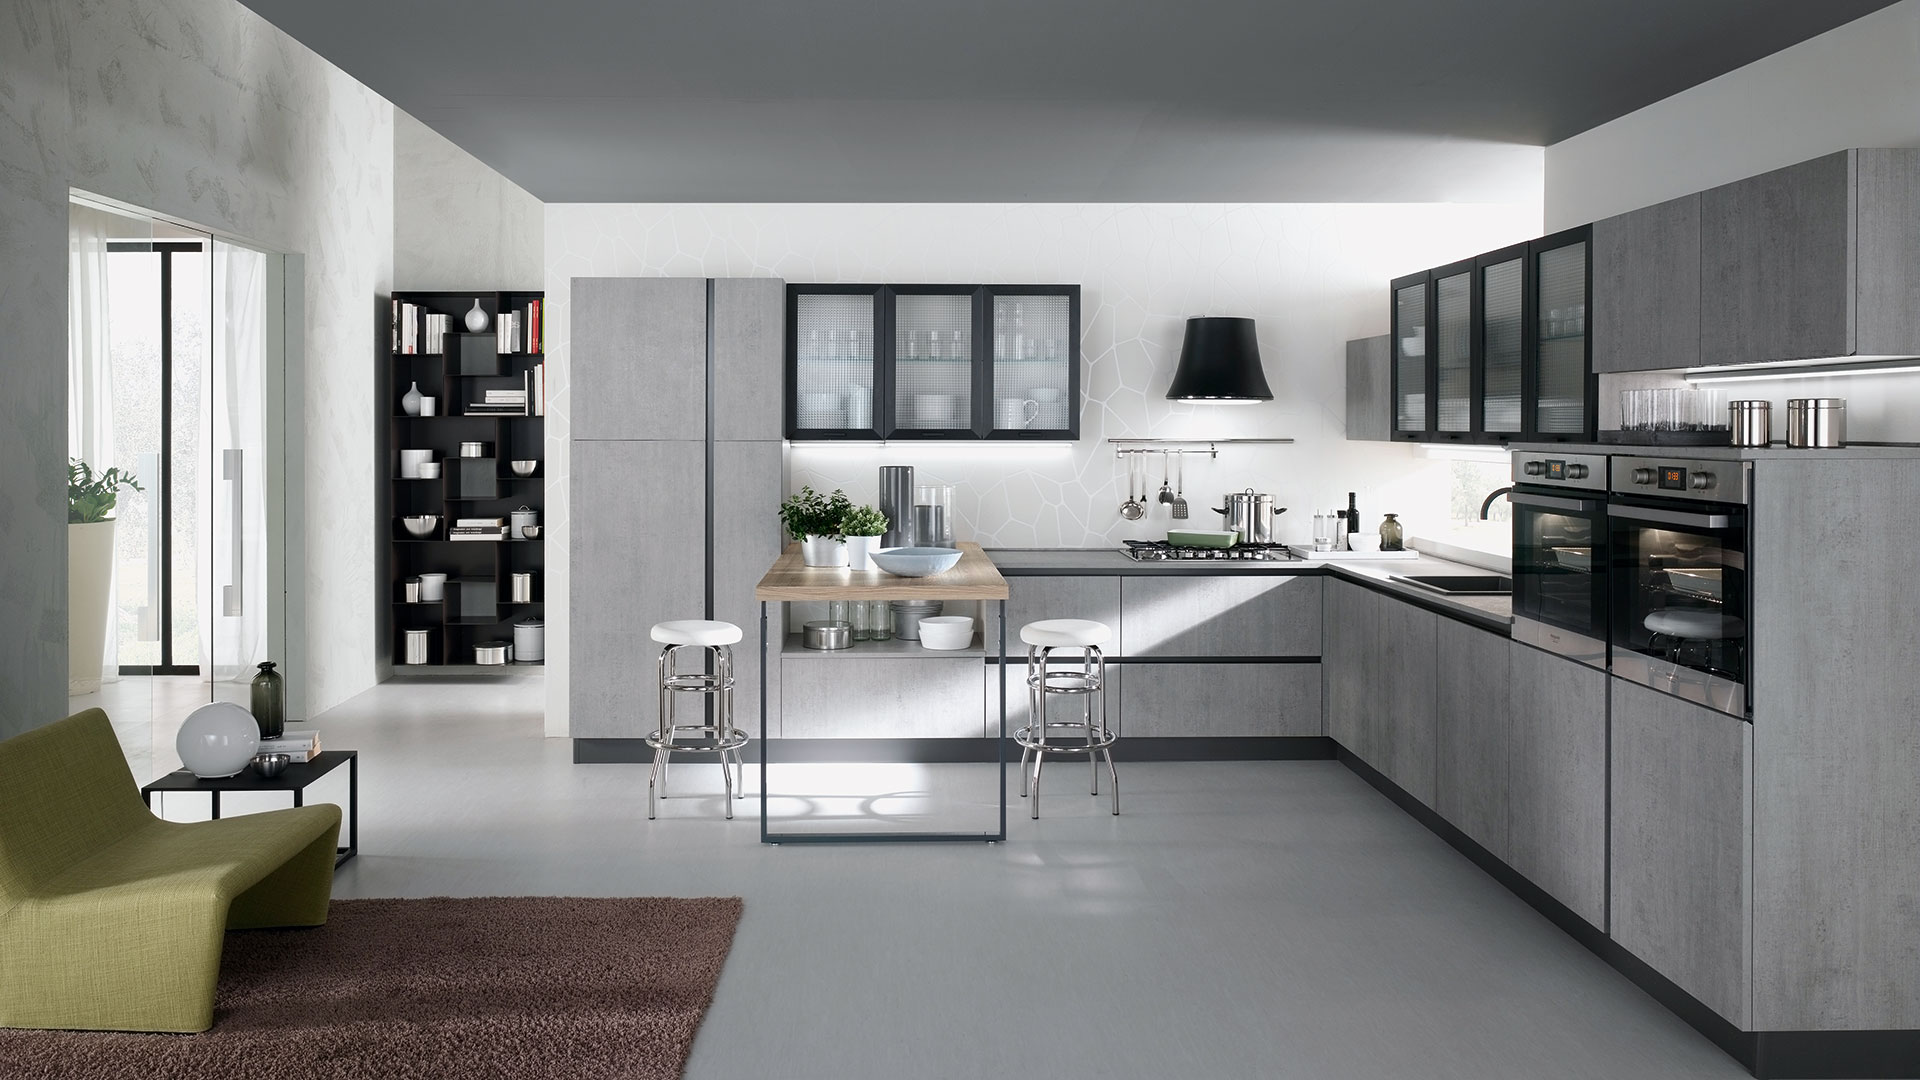 Ambientazione Cucine Moderne.Produttore Di Cucine Moderne Evo Cucine